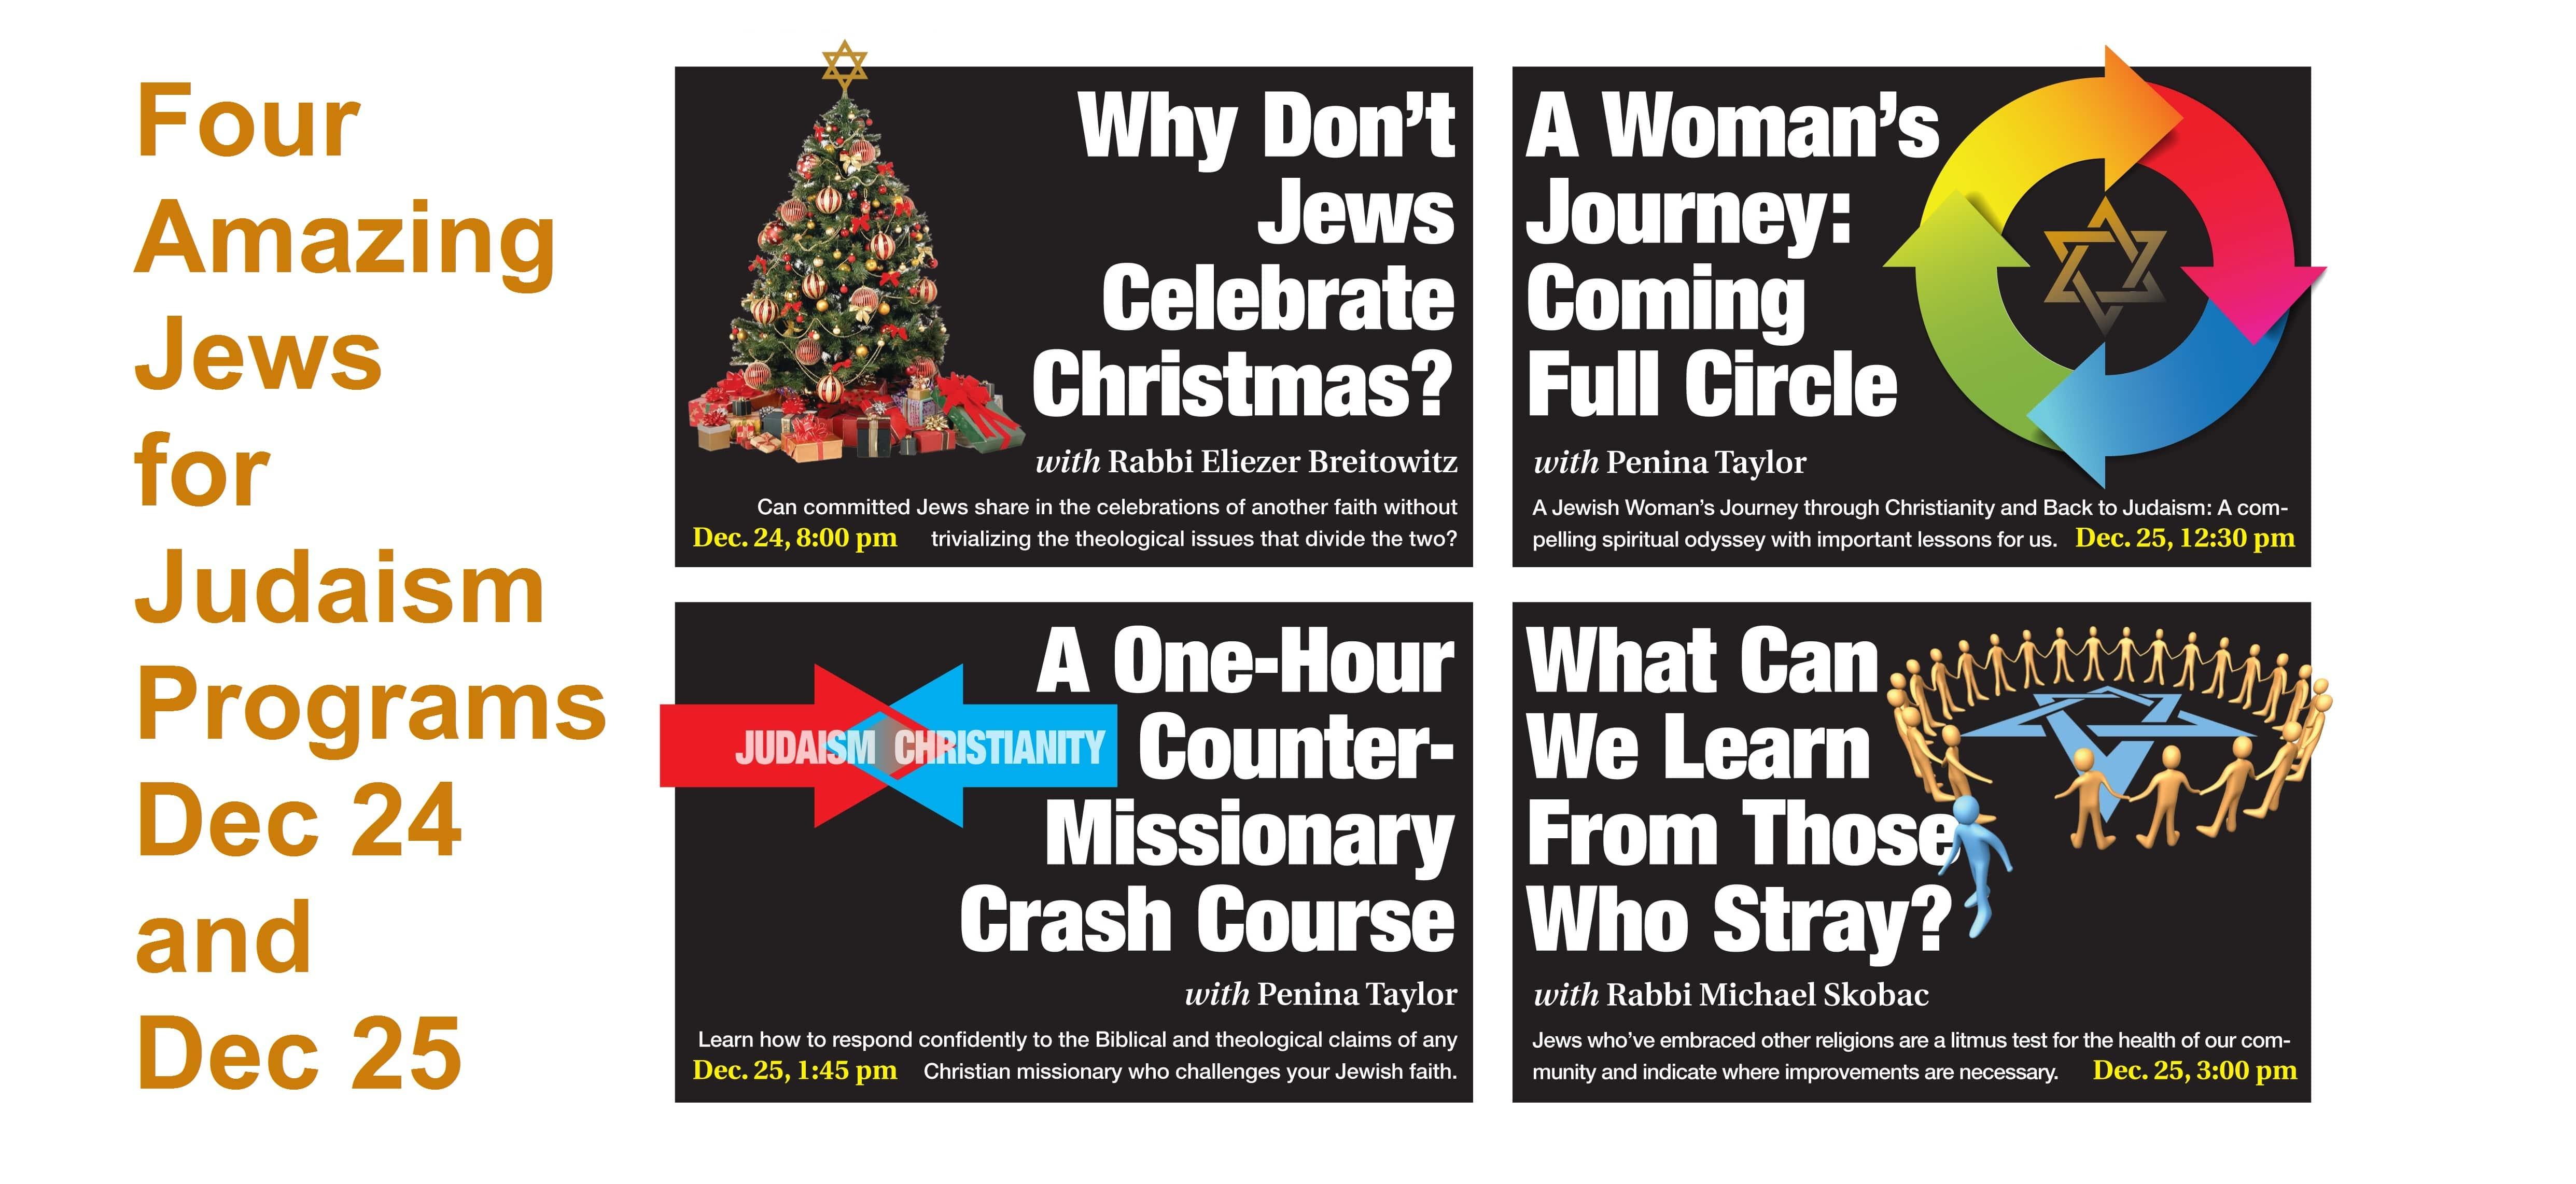 Four Amazing Jews For Judaism Programs Dec 24-25, 2017 - Jews for ...